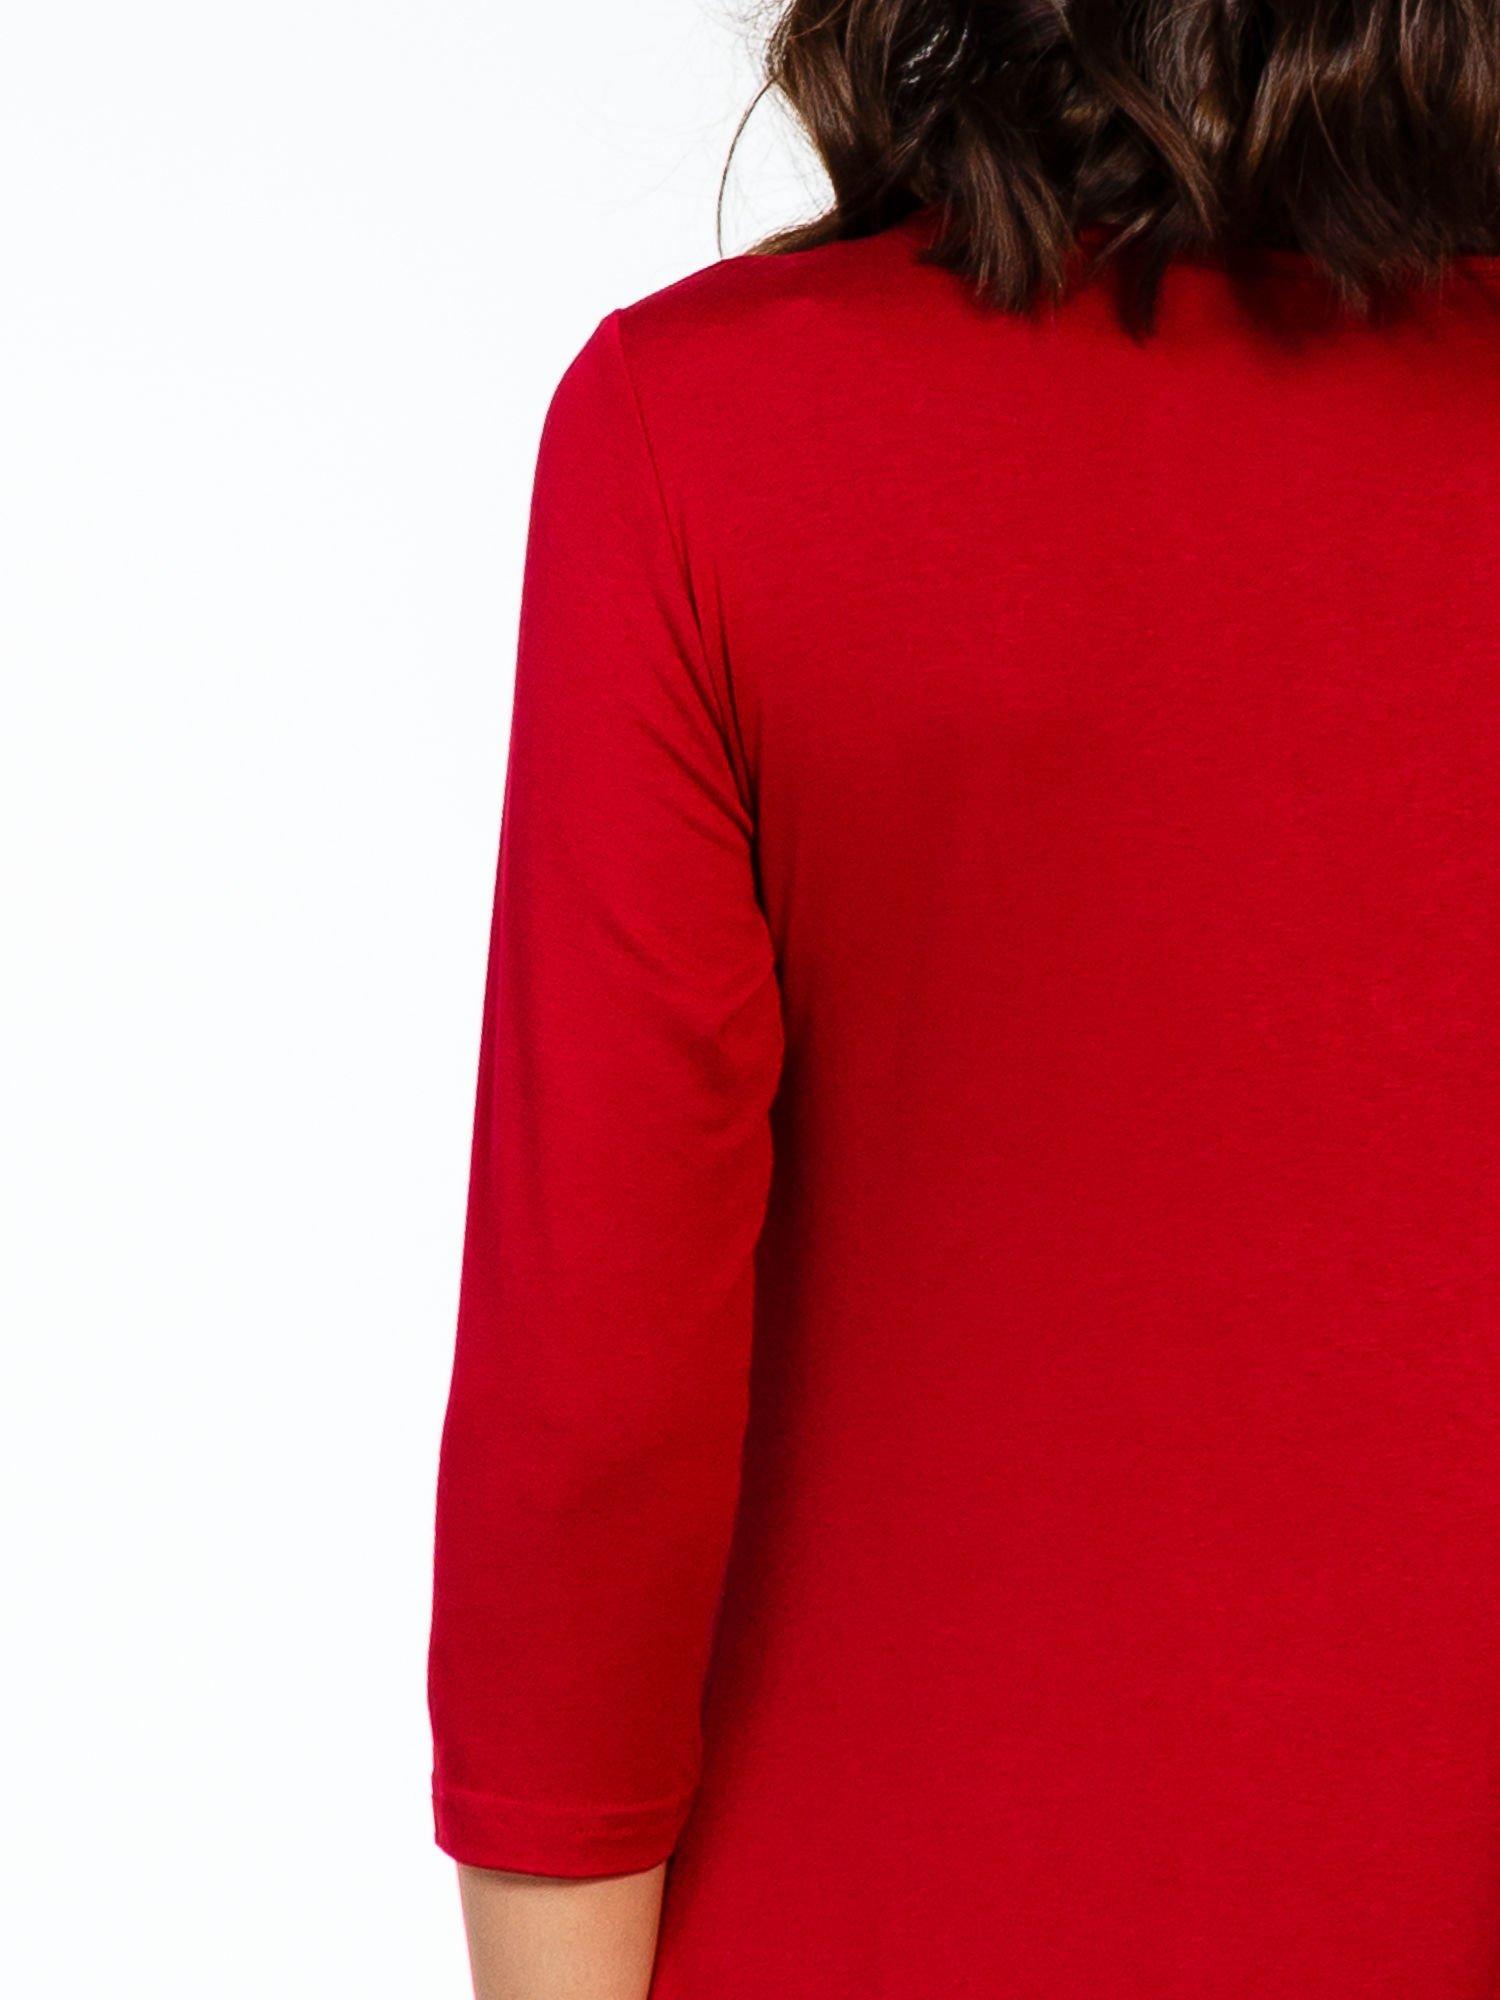 Bordowa sukienka z suwakiem                                  zdj.                                  7